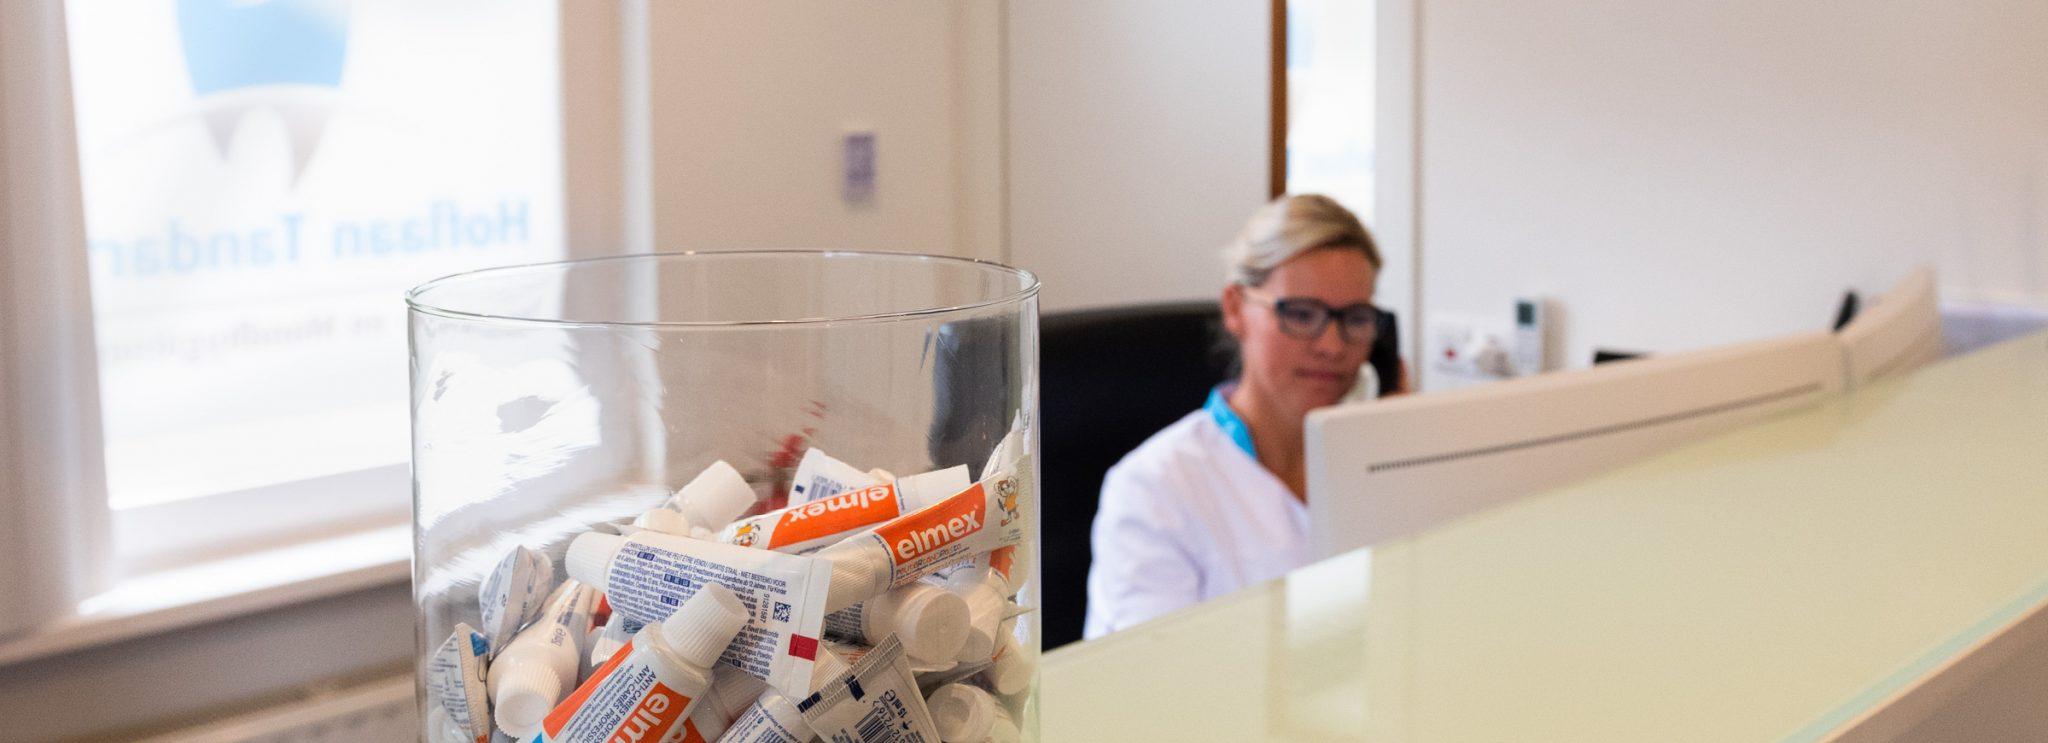 20190904 Hoflaan tandartsen 4150